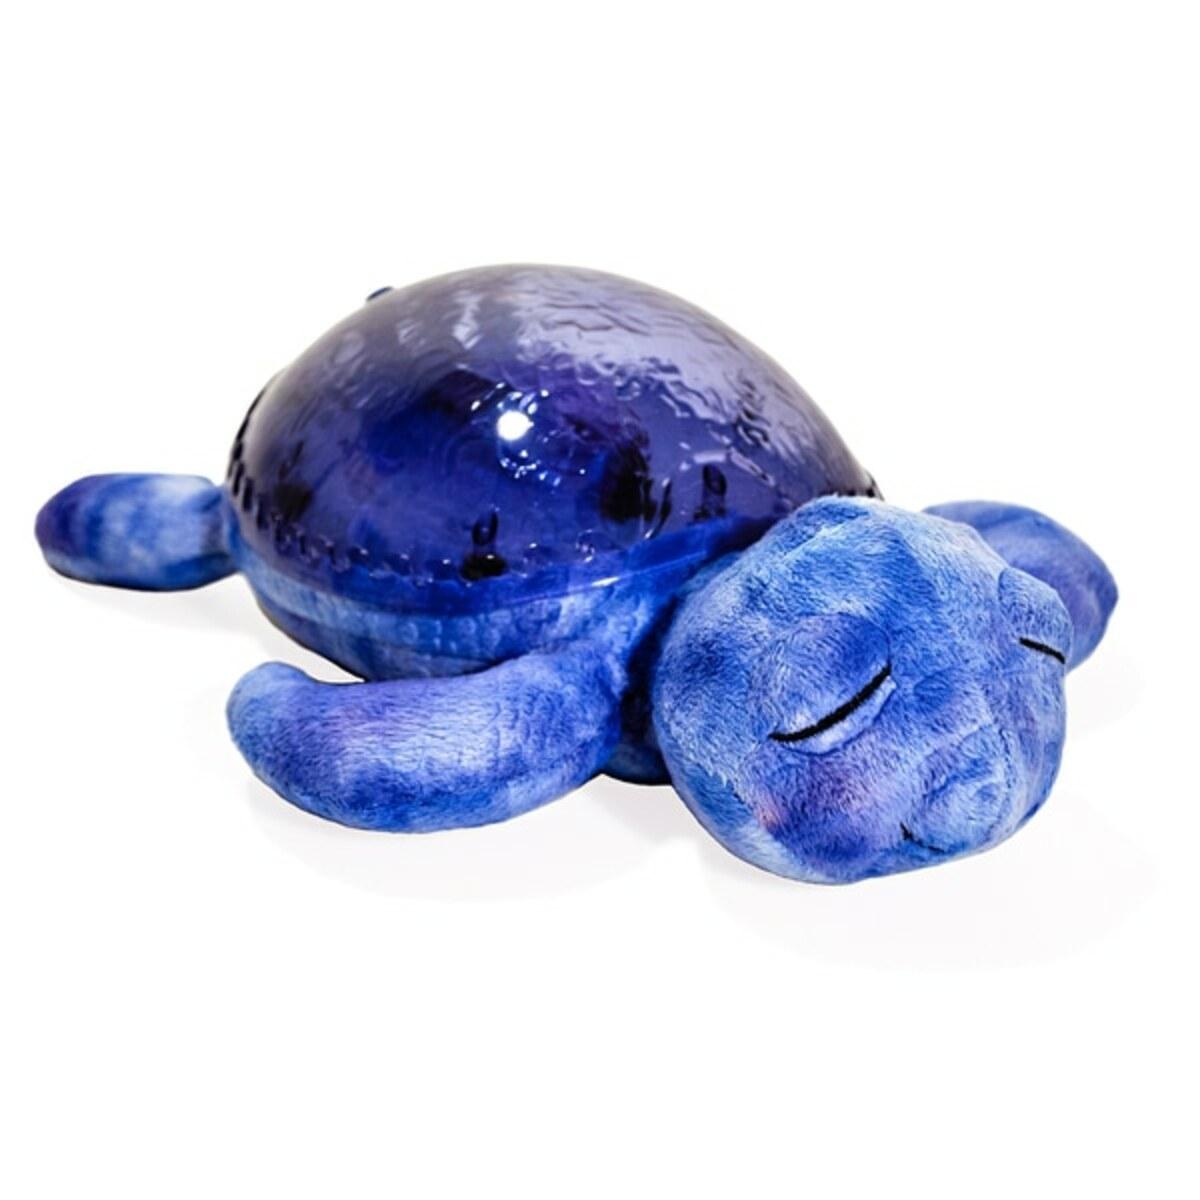 Bild 1 von Cloud B - Tranquil Turtle: Nachtlicht- und Beruhigungsfigur Schildkröte, Lila